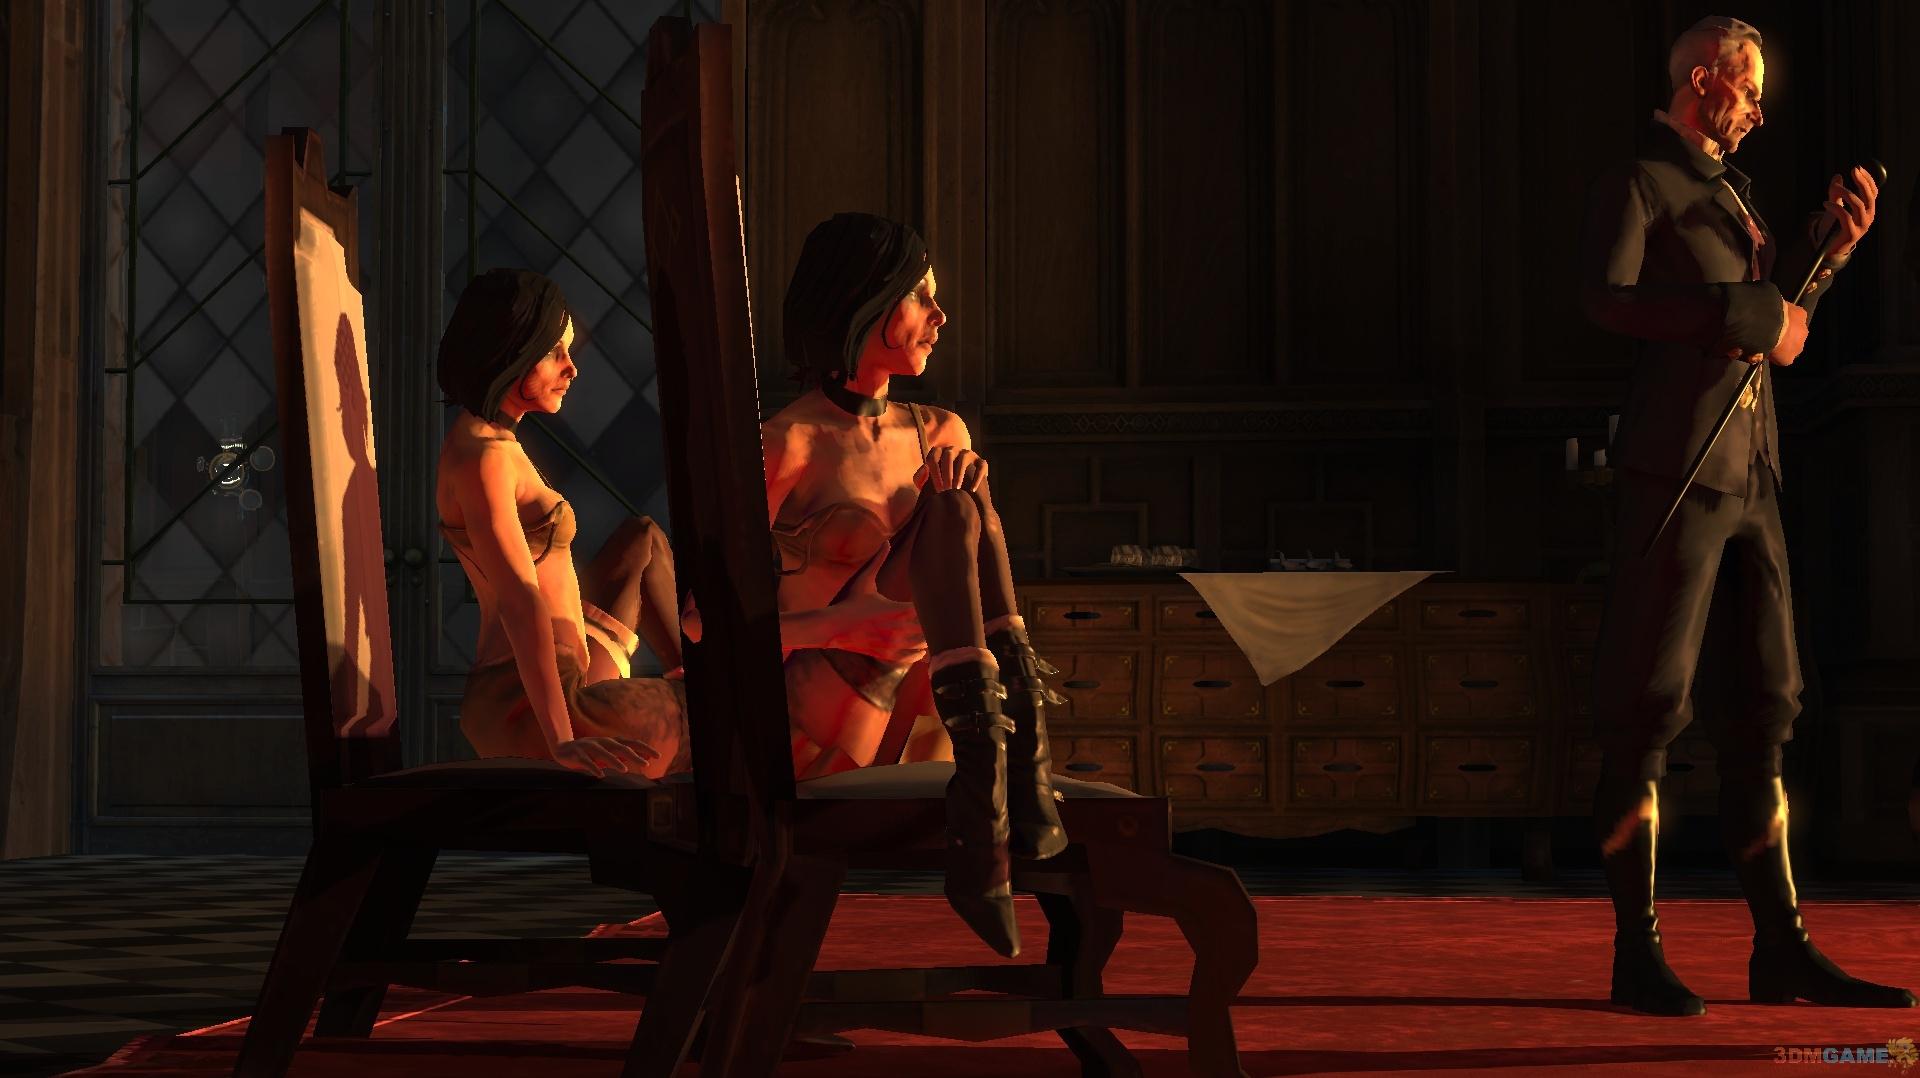 人称动作游戏《耻辱》公布重量级声优阵容(1920x1078,742k)-羞